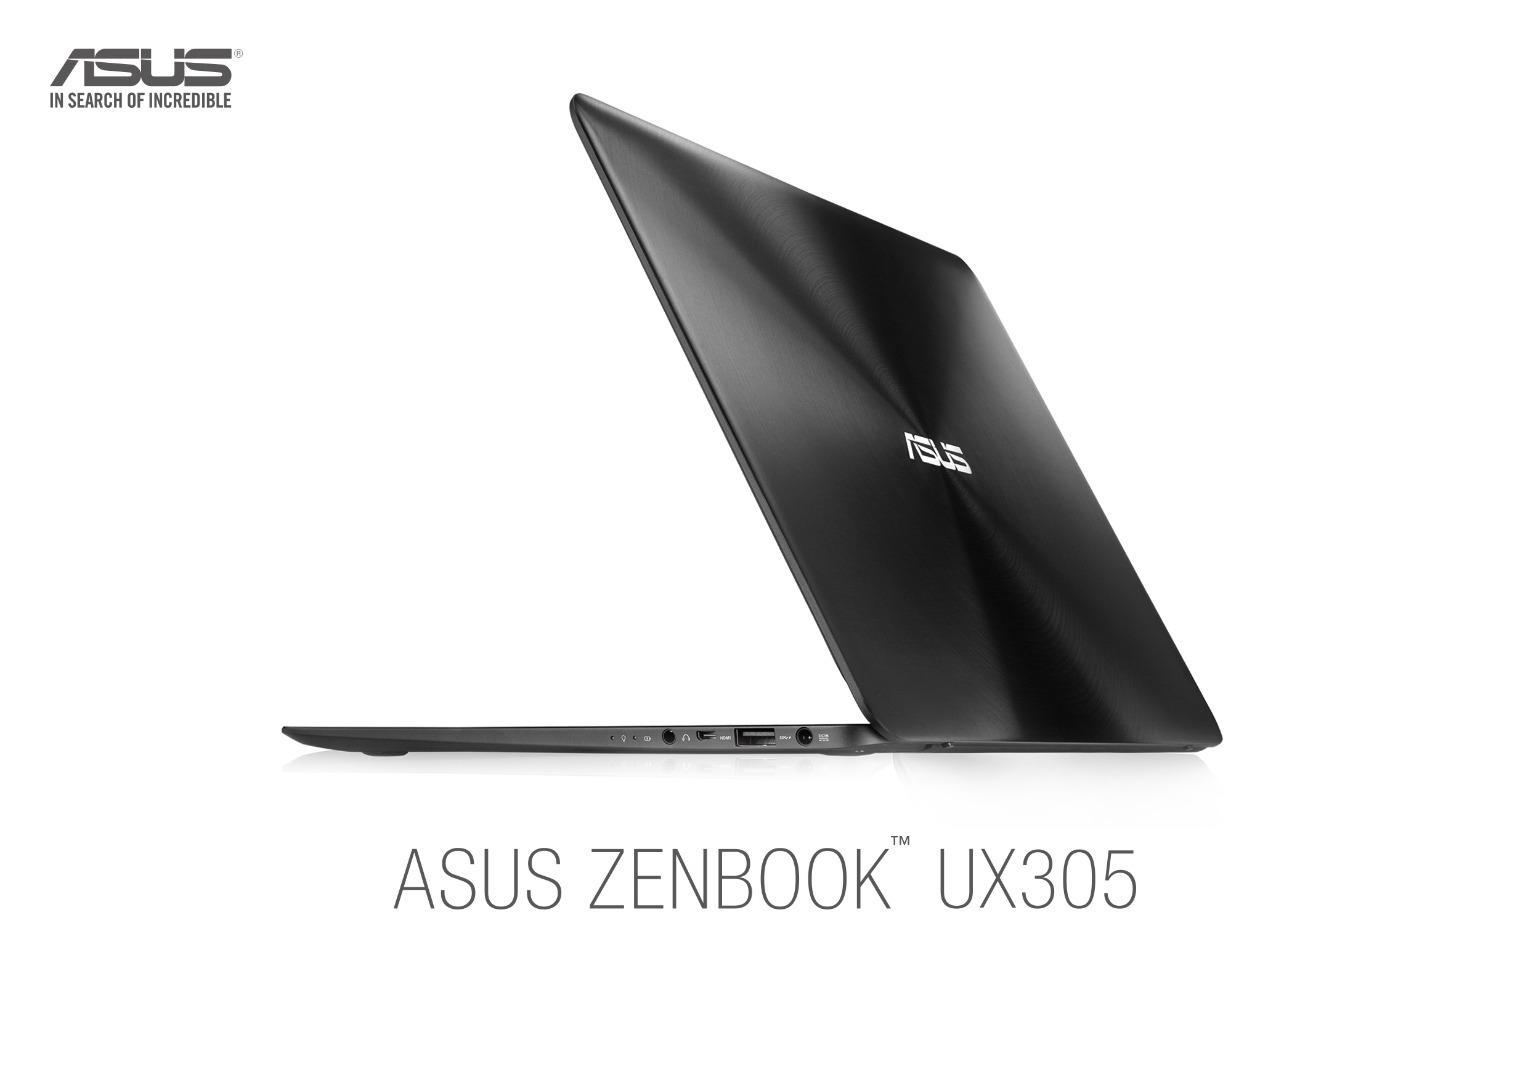 ASUS ZENBOOK UX305_PR02